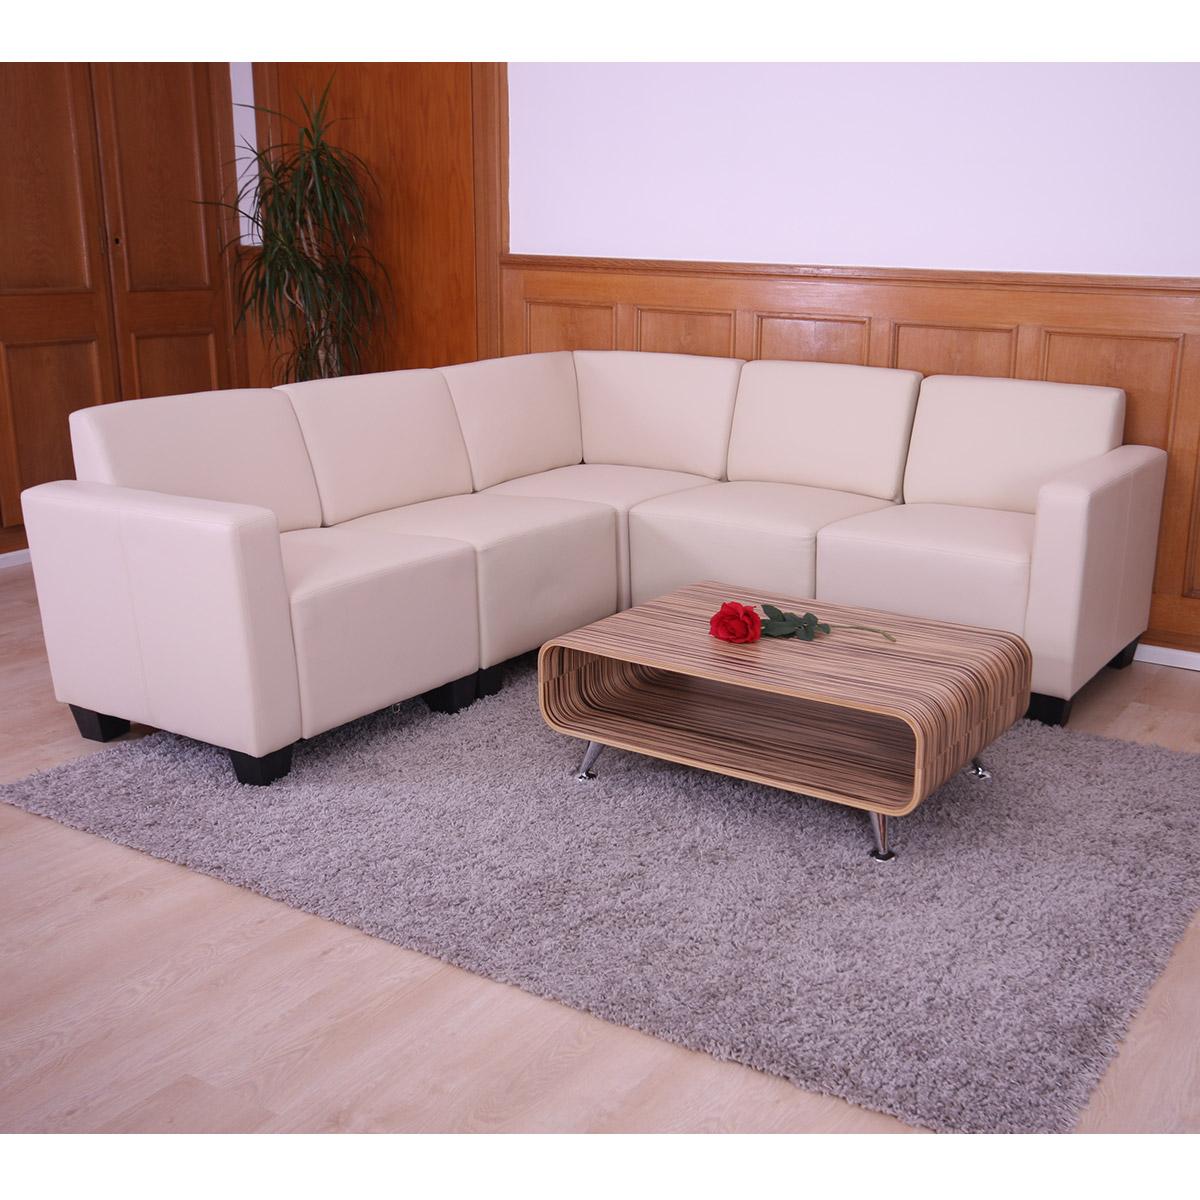 couch garnitur modular sofa system lyon 5 kunstleder. Black Bedroom Furniture Sets. Home Design Ideas